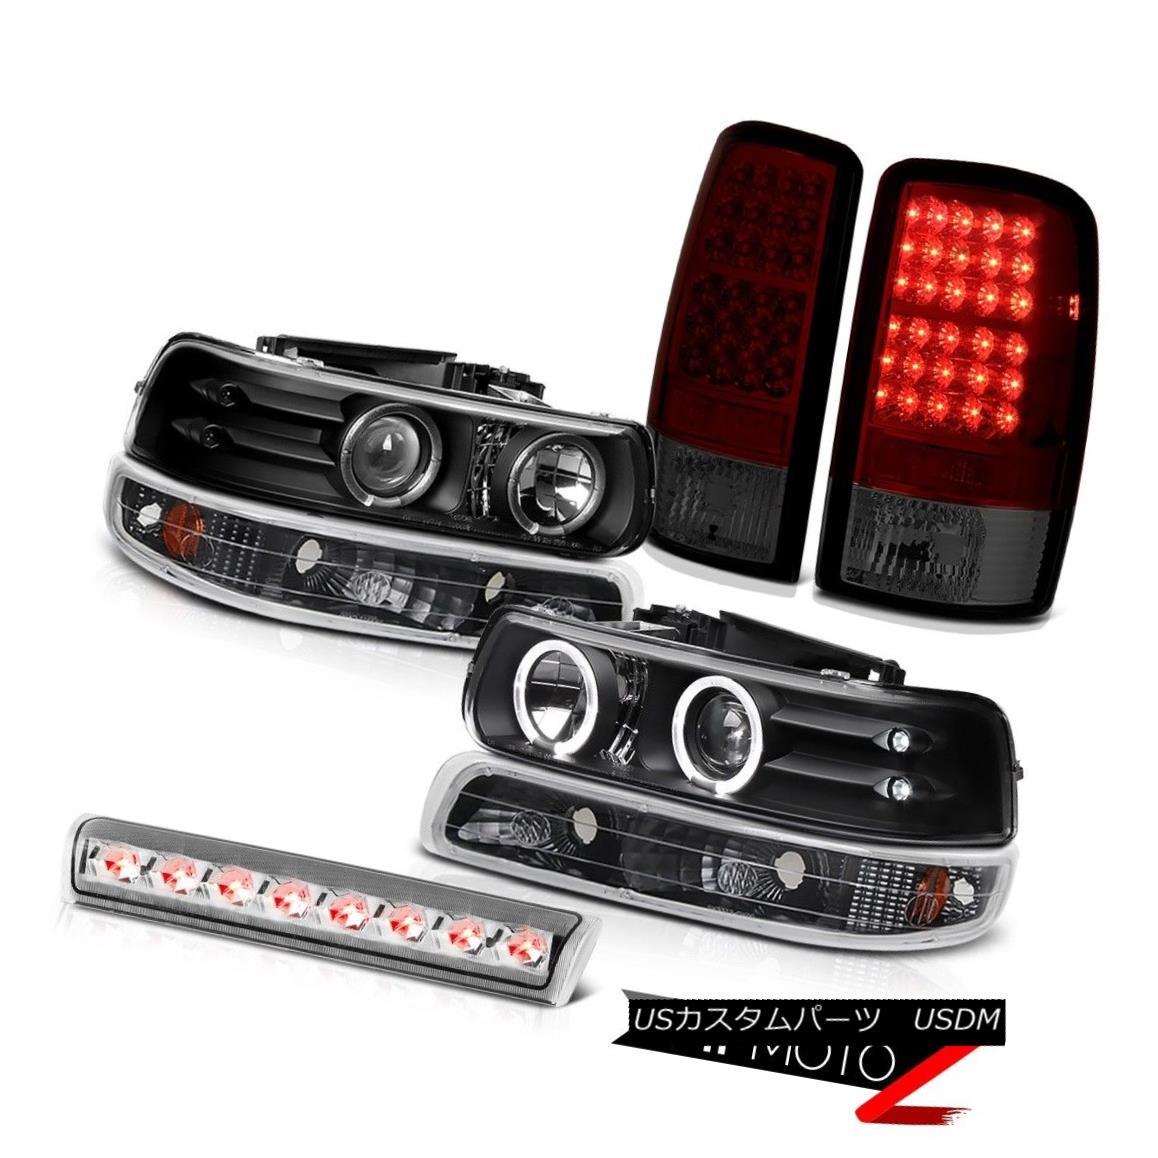 テールライト 2000-2006 Chevy Tahoe Black Headlights BRIGHTEST LED Tail Lights Brake Cargo 2000-2006シボレー・タホ・ブラック・ヘッドライトBRIGHTEST LEDテール・ライト・ブレーキ・カーゴ